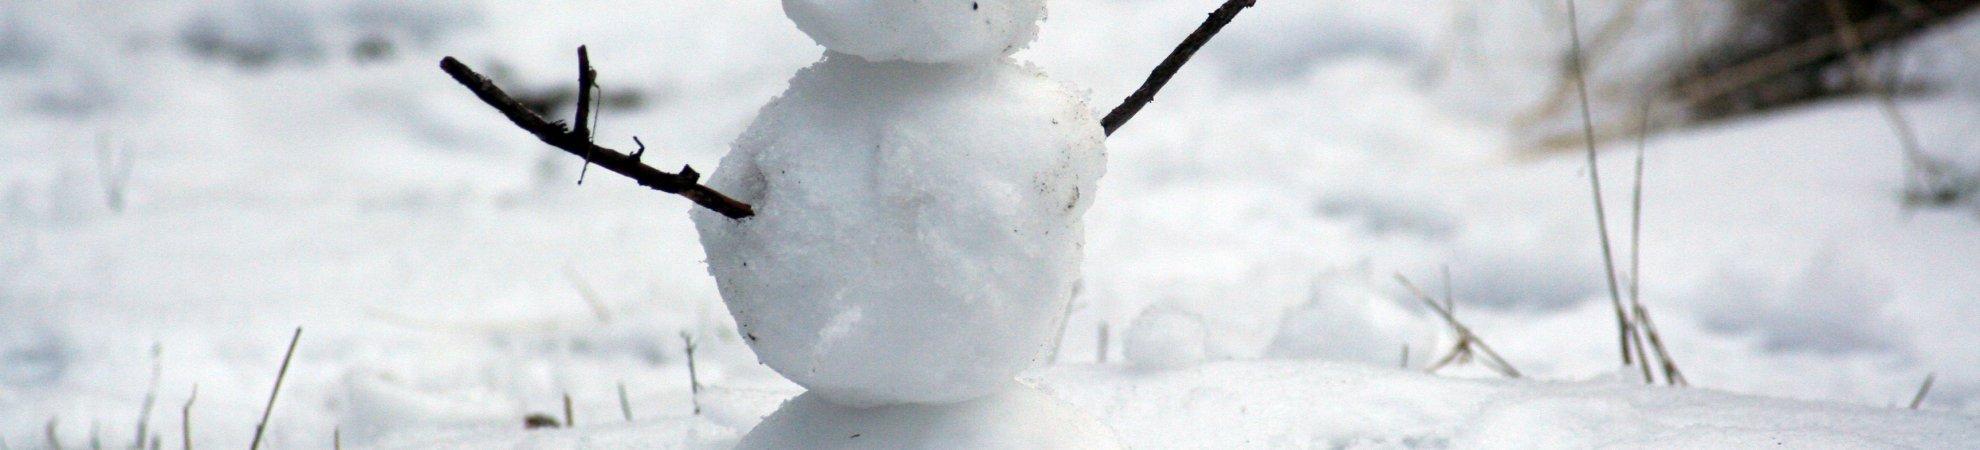 activities in the snow ireland